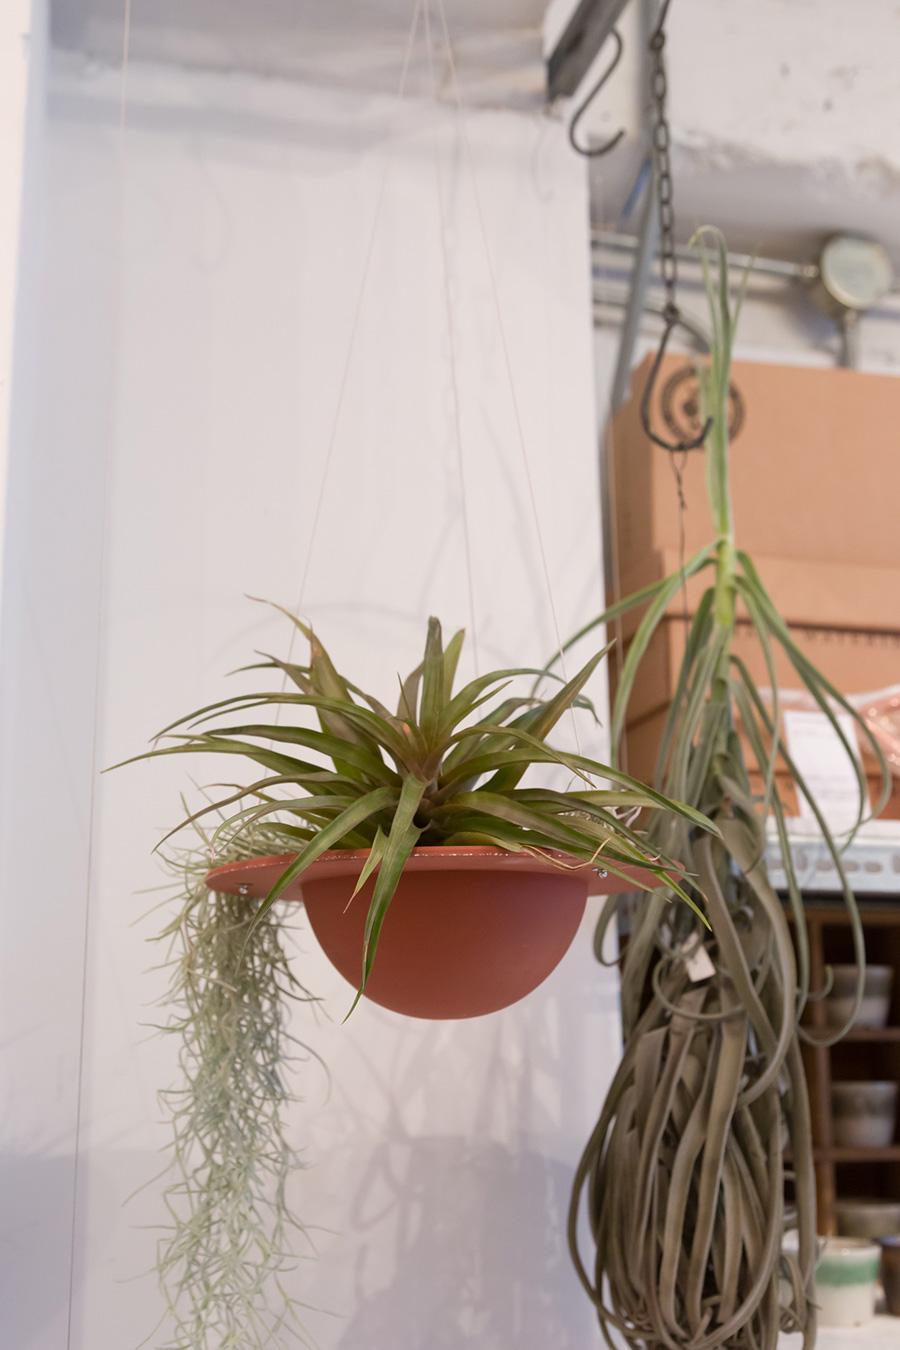 いざわせいとうによる、UFOのような形の鉢。鉢の肌がツルリとキメ細かいのは、赤土を高温で焼き締めているから。植物を植え込んでもいいし、エアプランツを置くだけでも様になる。